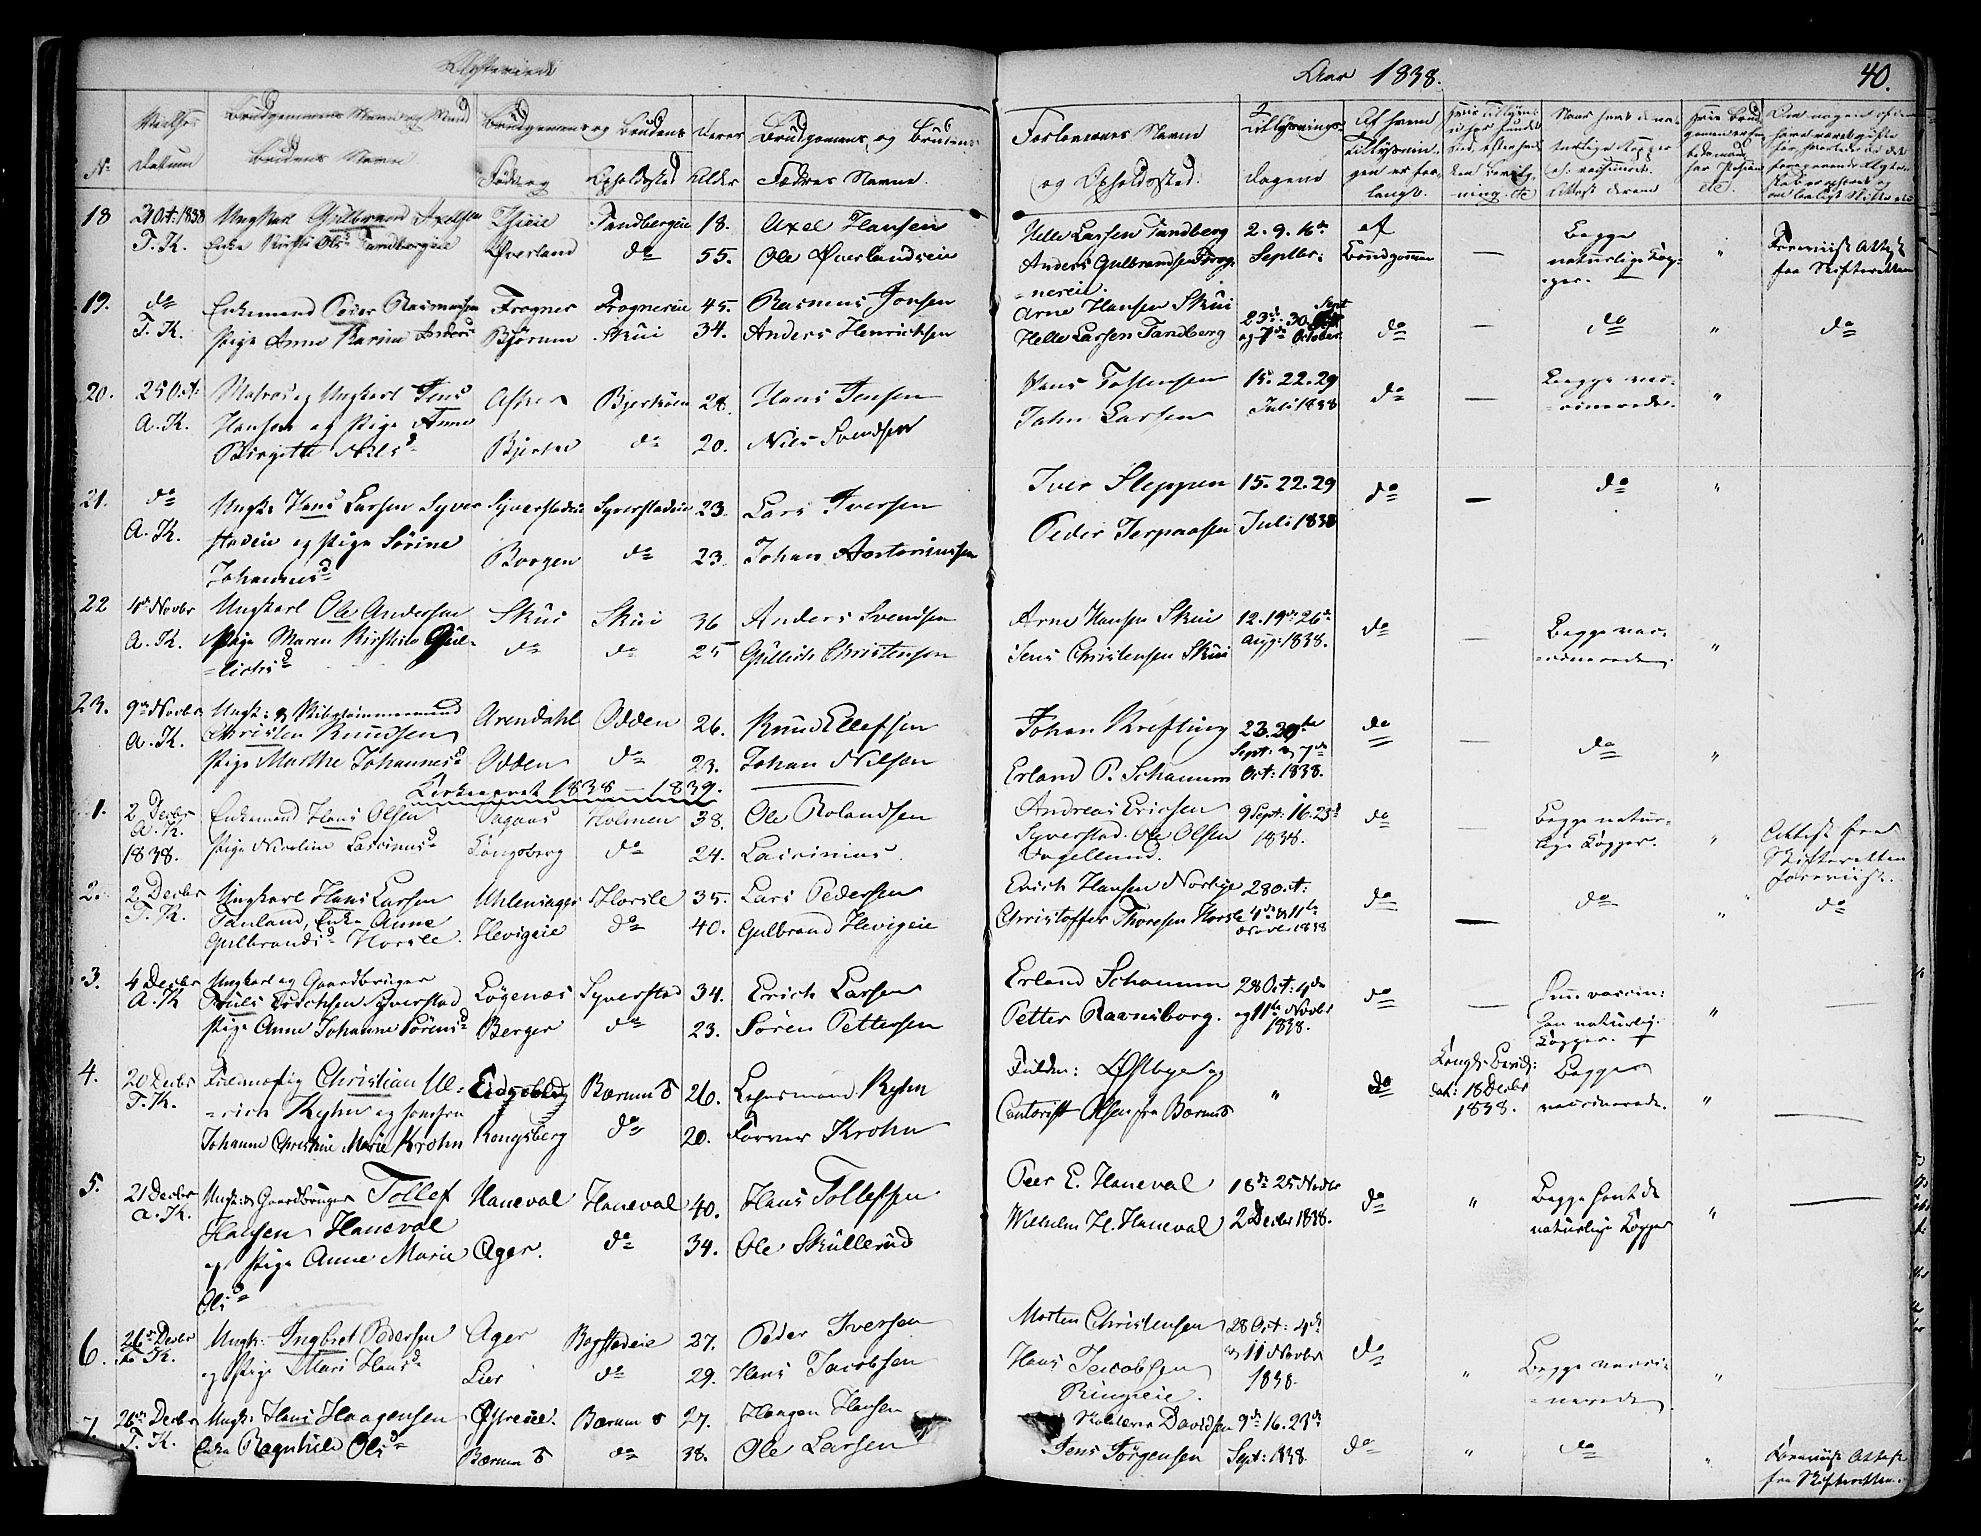 SAO, Asker prestekontor Kirkebøker, F/Fa/L0010: Ministerialbok nr. I 10, 1825-1878, s. 40